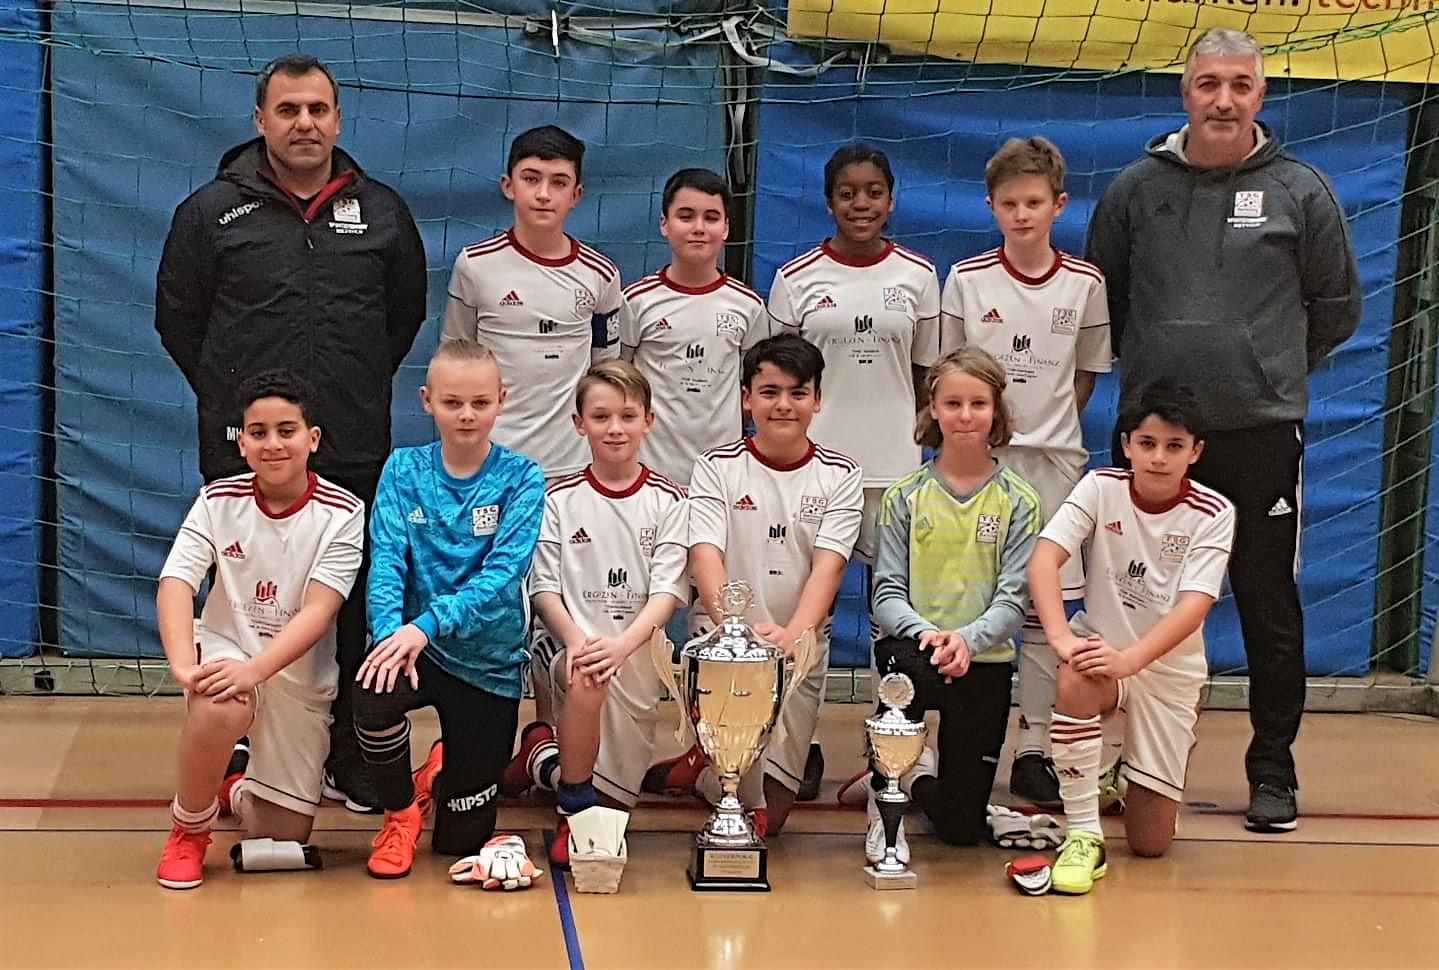 U12 siegt beim Allmersbacher Schwabengarage Cup 2019